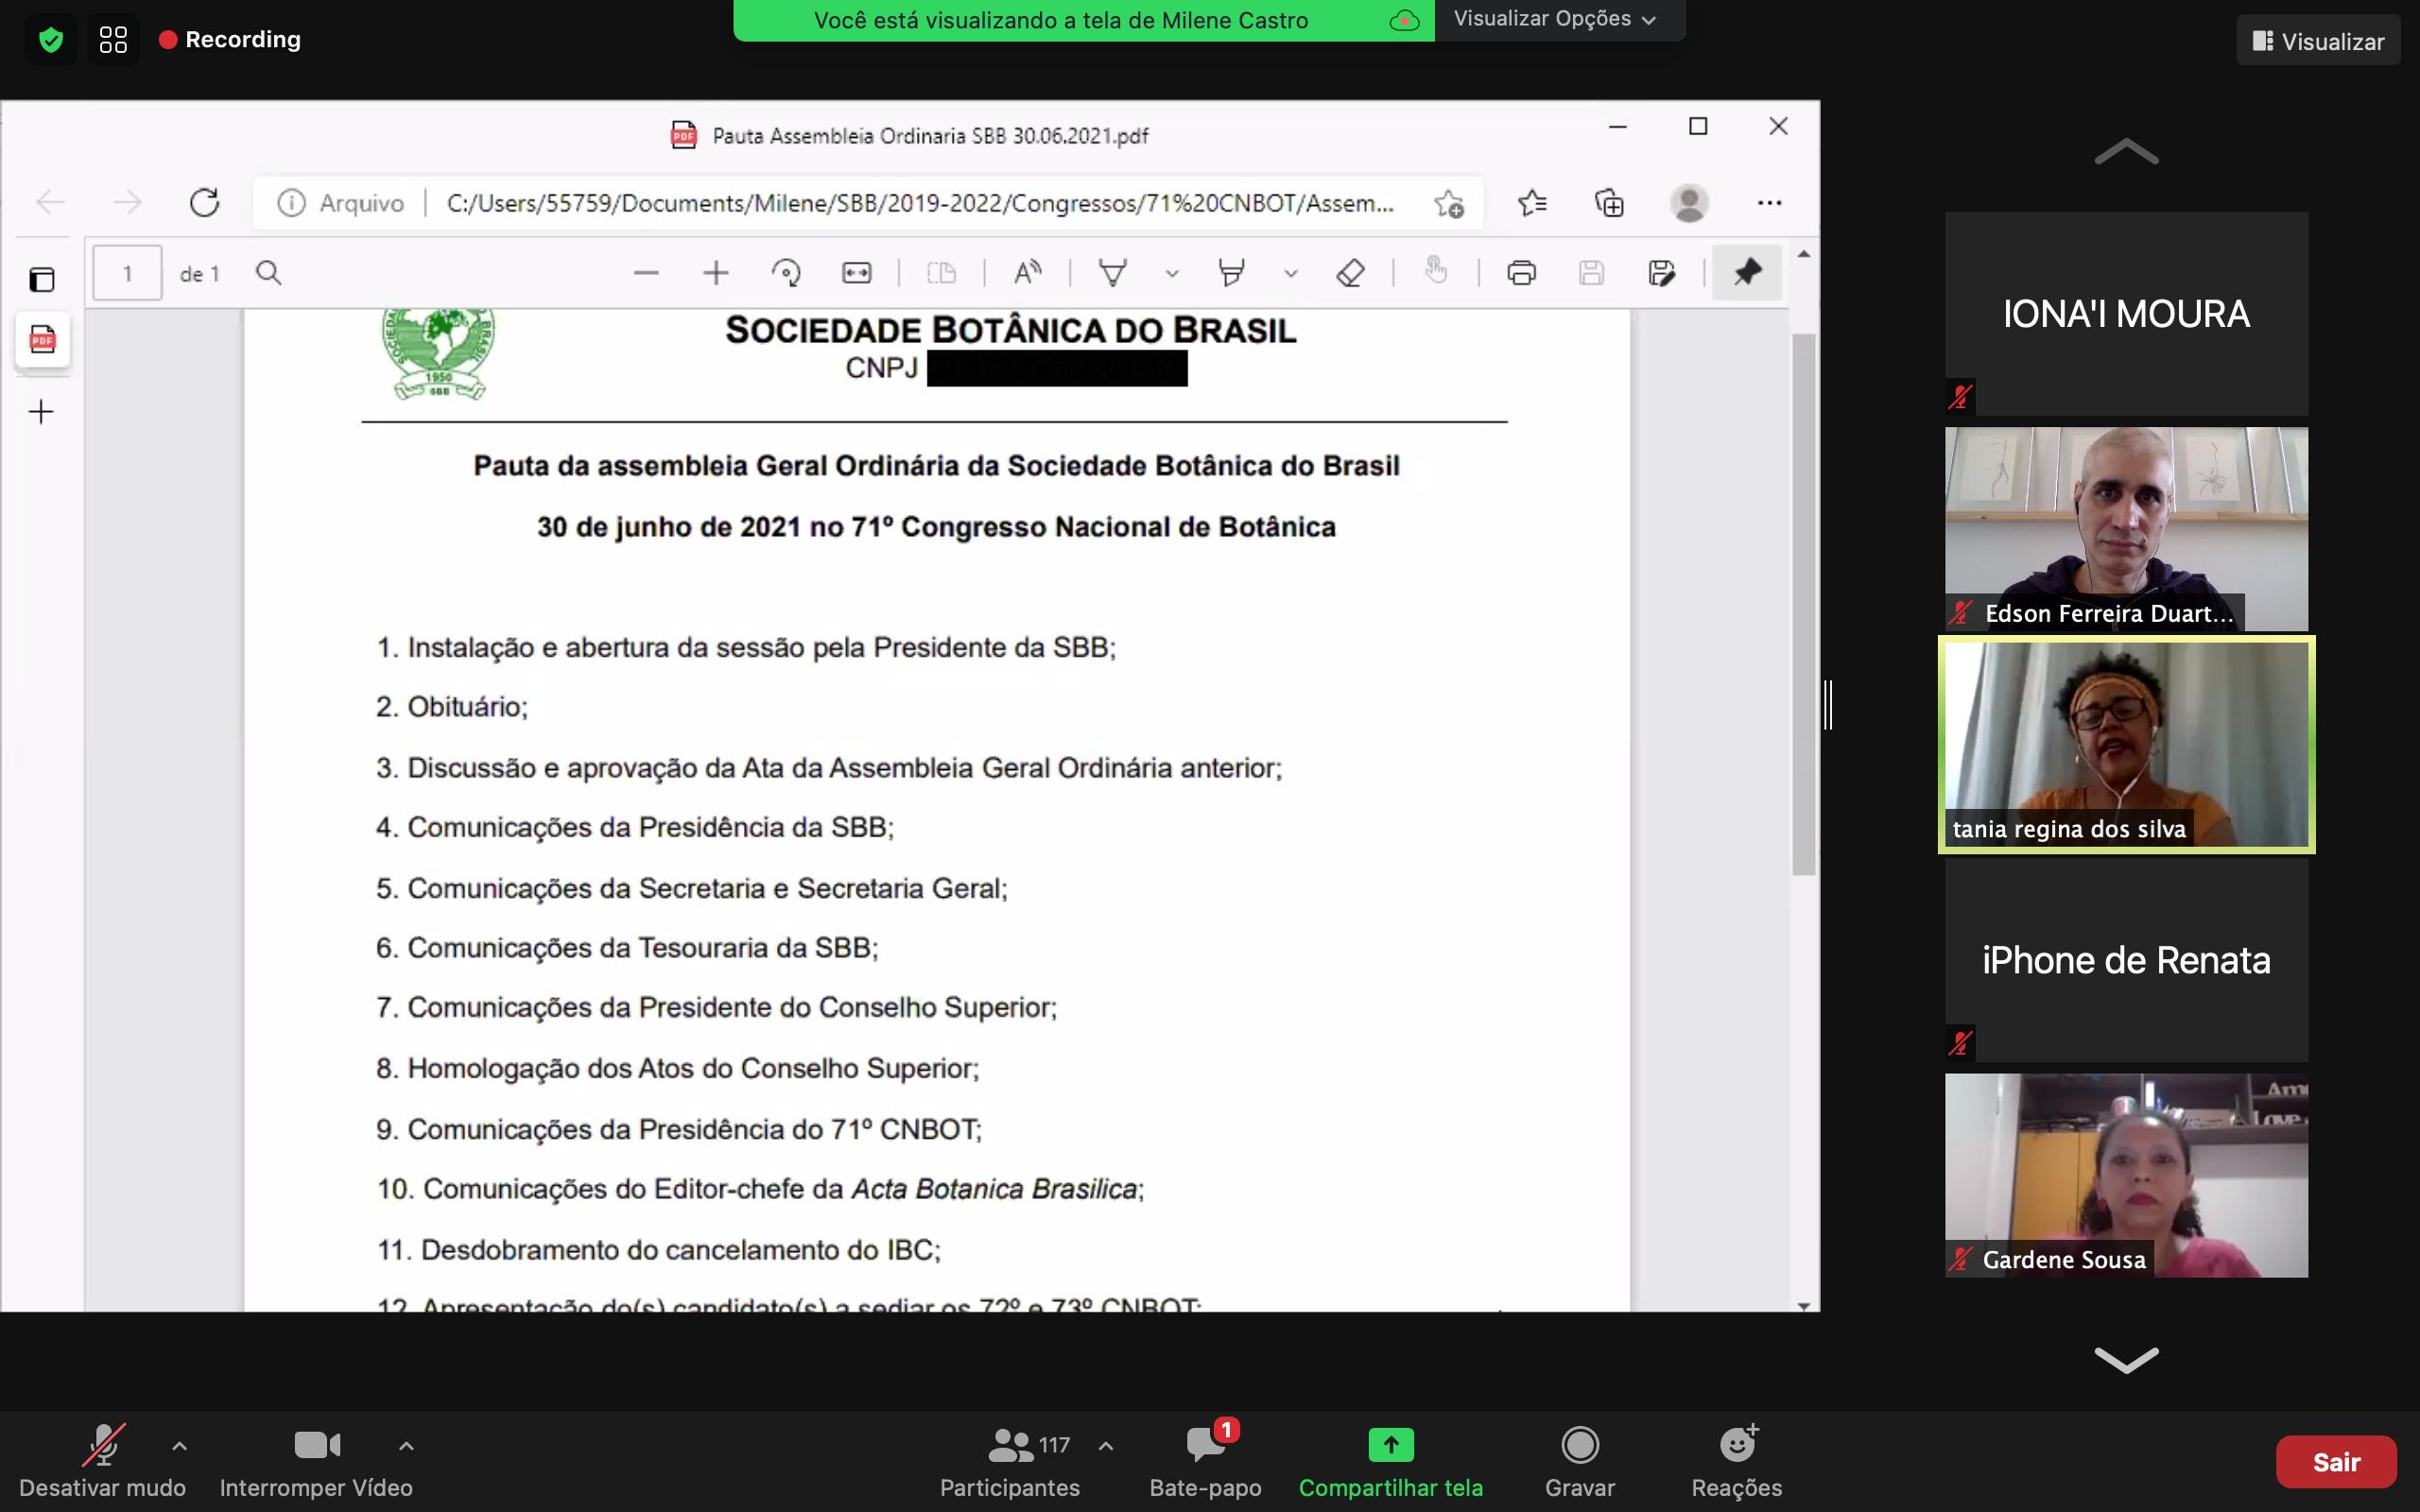 Evento - 71 Congresso Nacional de Botanica - Assembleia Geral